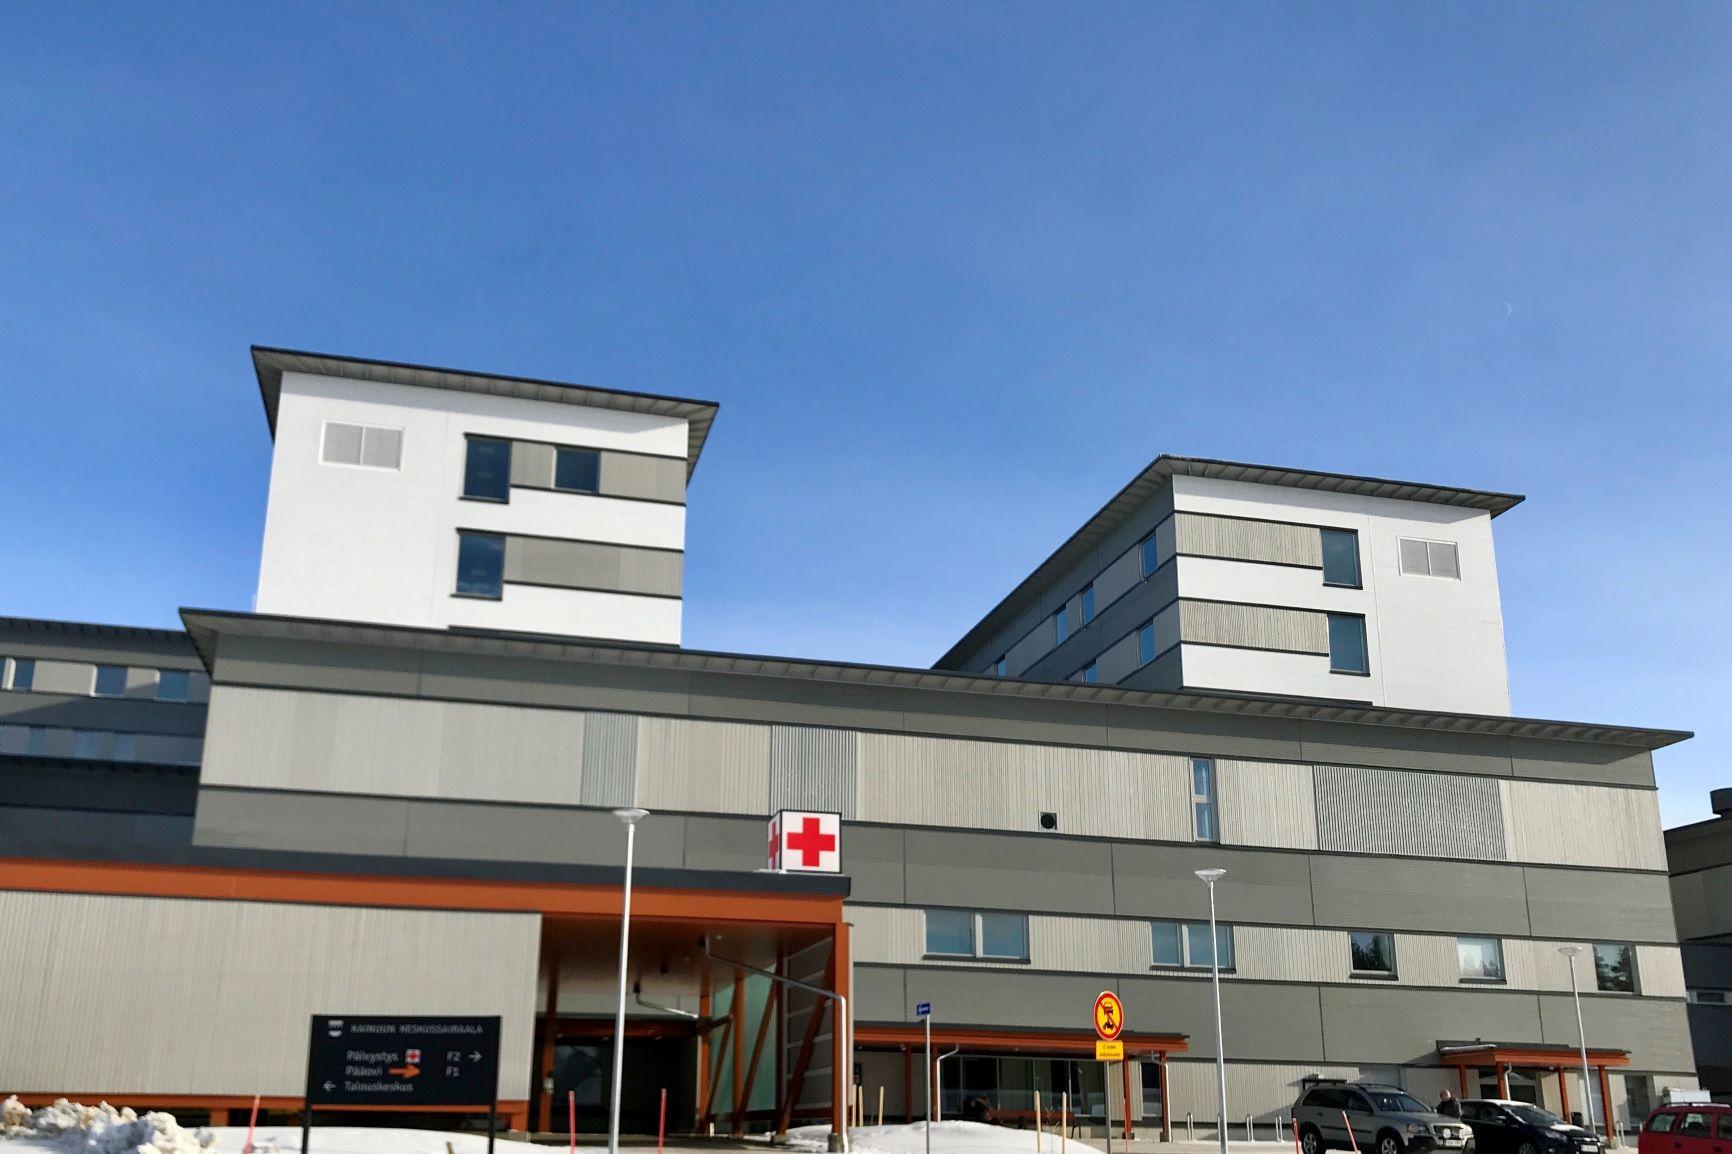 Kainuun uusi sairaala – Kainua